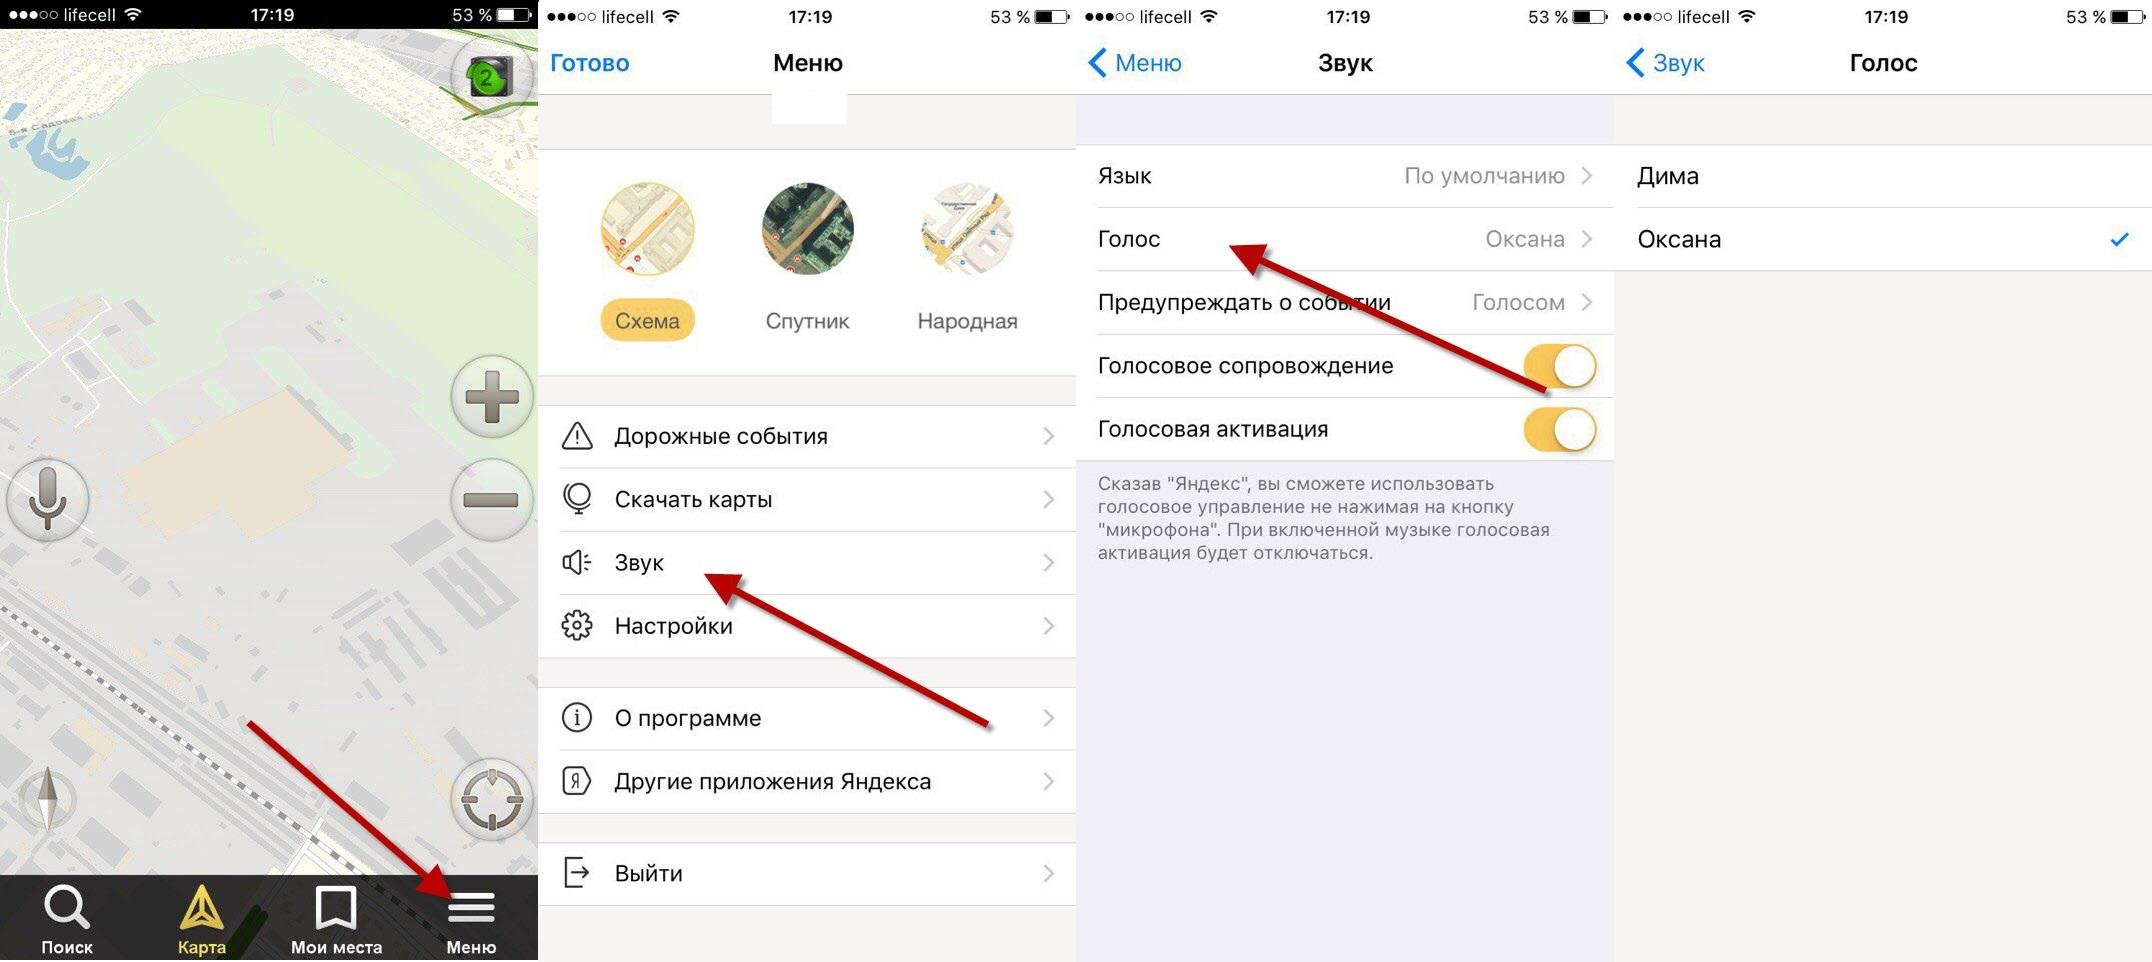 Как поменять голос в Яндекс.Навигаторе?